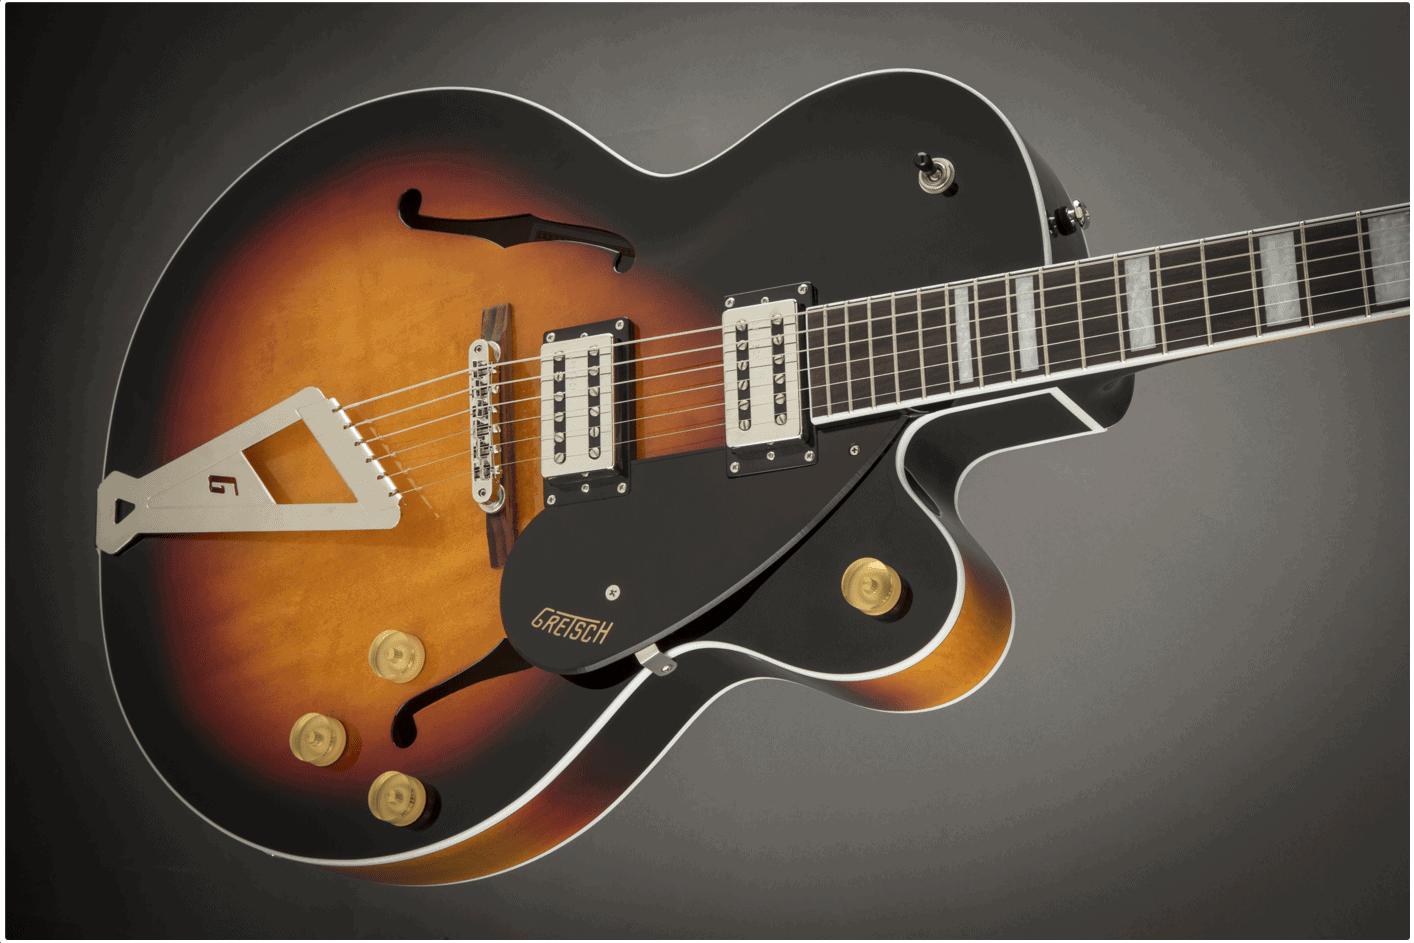 Aged Brooklyn Burst Gretsch G2420 Streamliner Electric Guitar